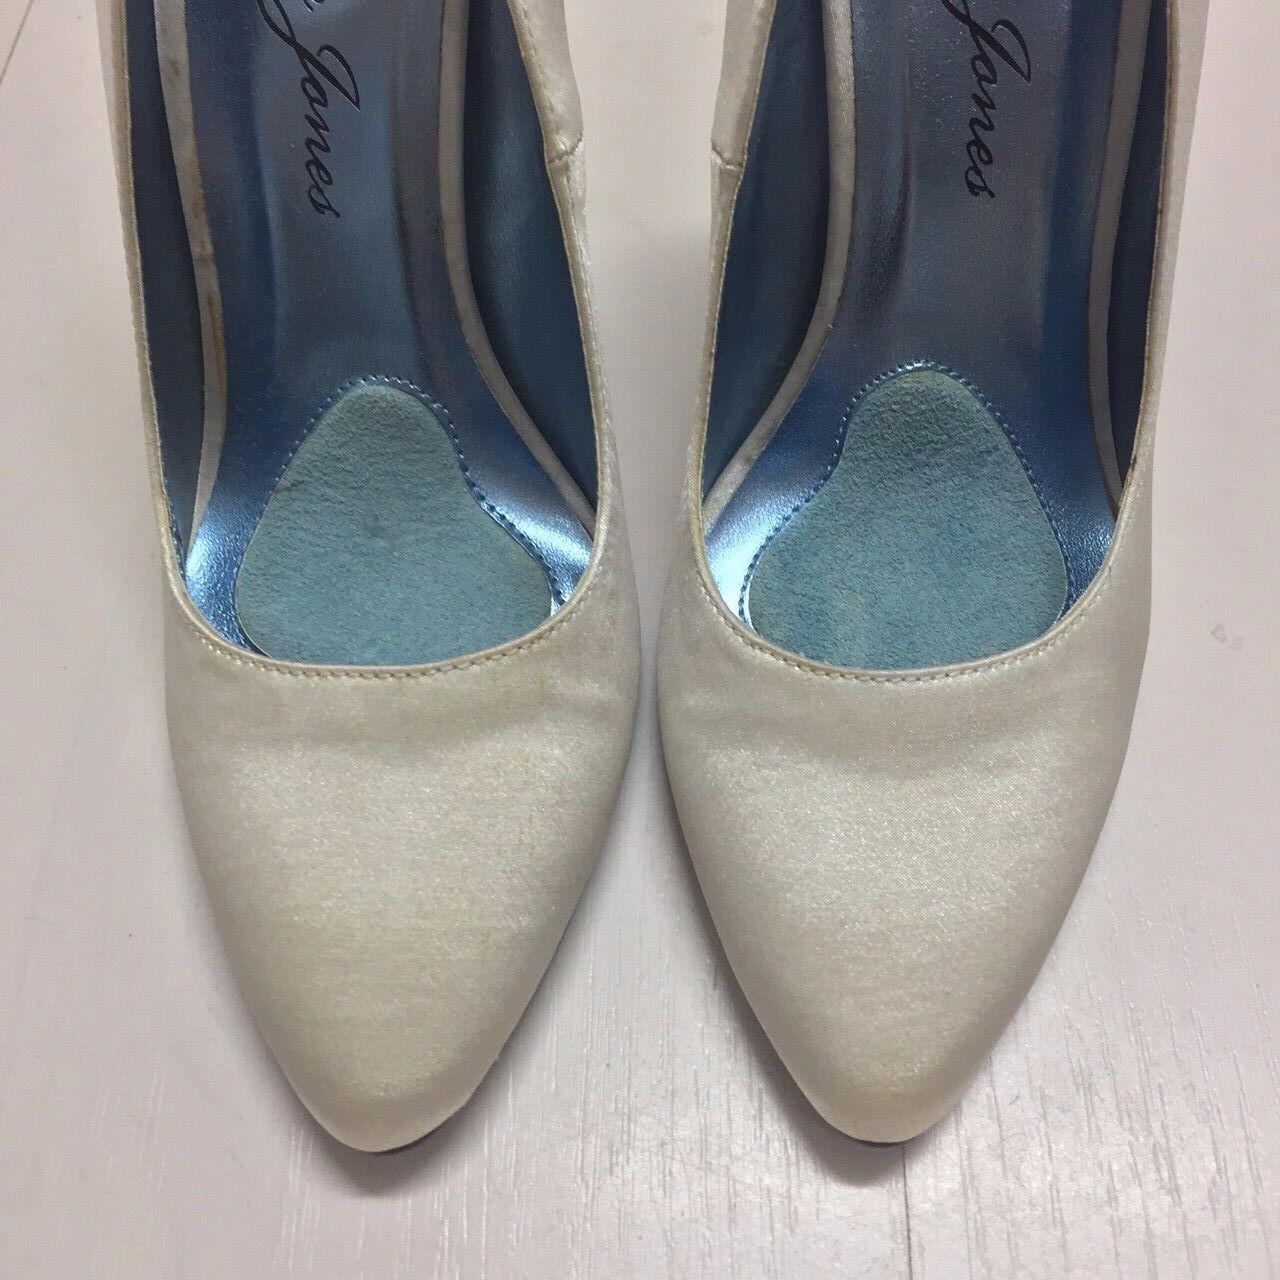 NEW LAUREN JONES Woman's Zinger Ivory Satin Satin Satin Pumps Wedding Bridal Heels shoes 8 M 649905